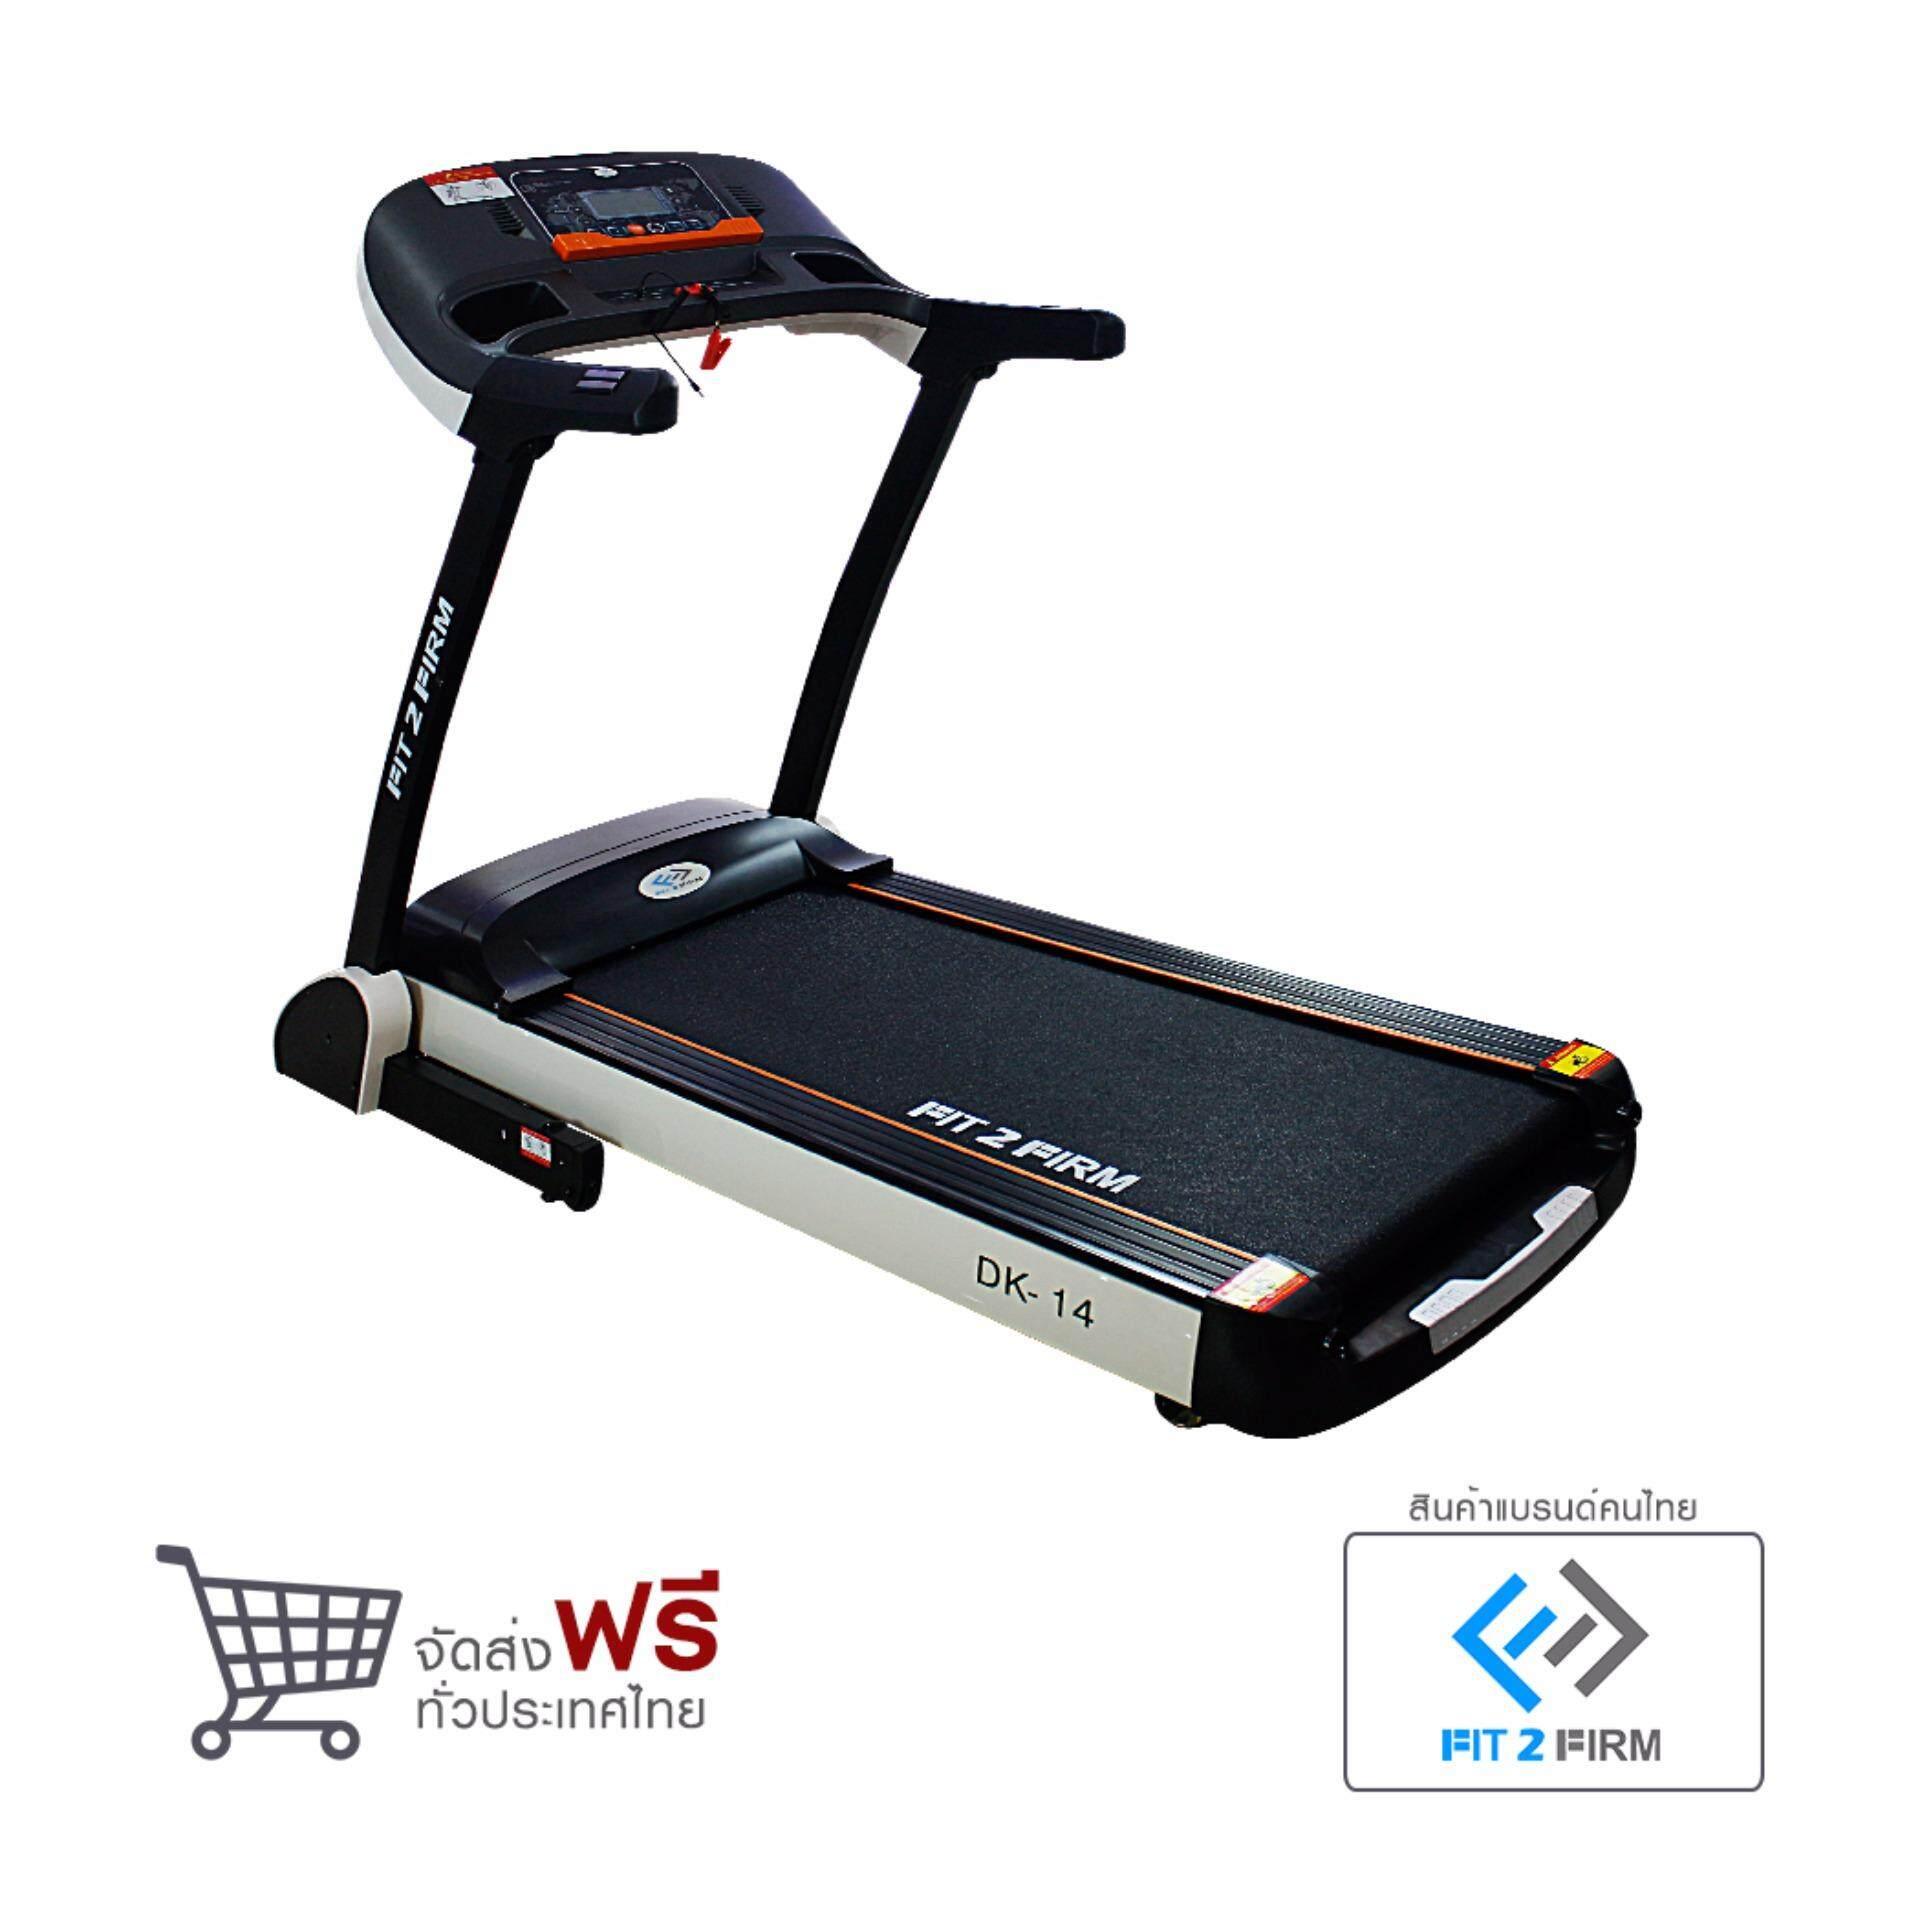 สุดยอดสินค้า!! fit2firm ลู่วิ่งไฟฟ้า ฟิตทูเฟิร์ม รุ่น DK-14 - 3.0 CHP motor